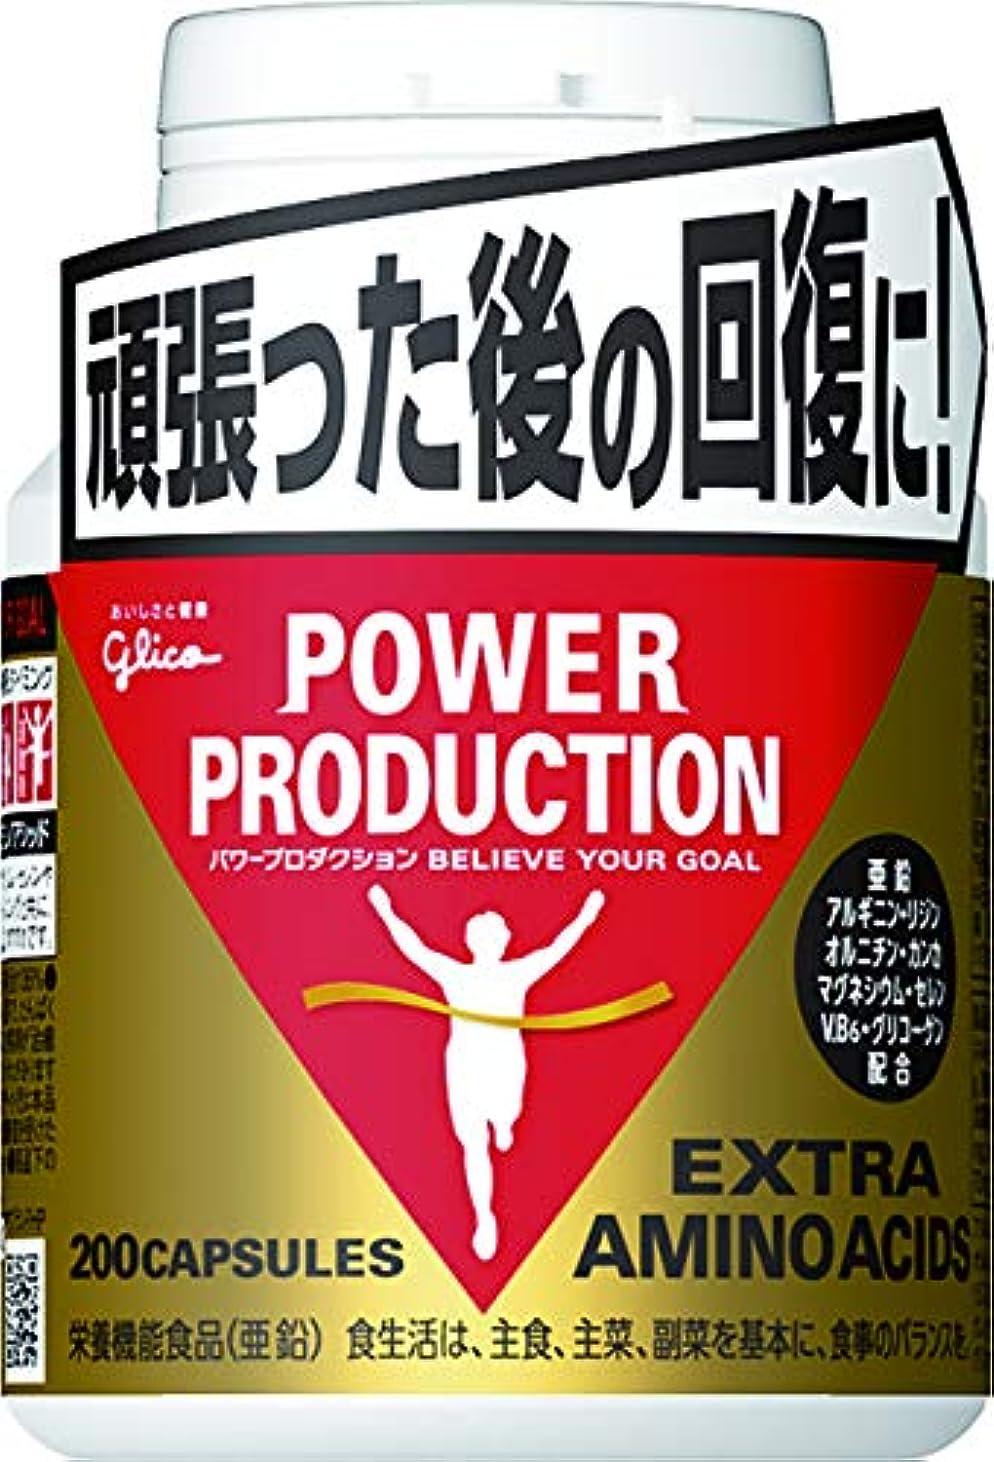 裸推進力カウントグリコ パワープロダクション エキストラ アミノアシッド 200粒【使用目安 約50日分】